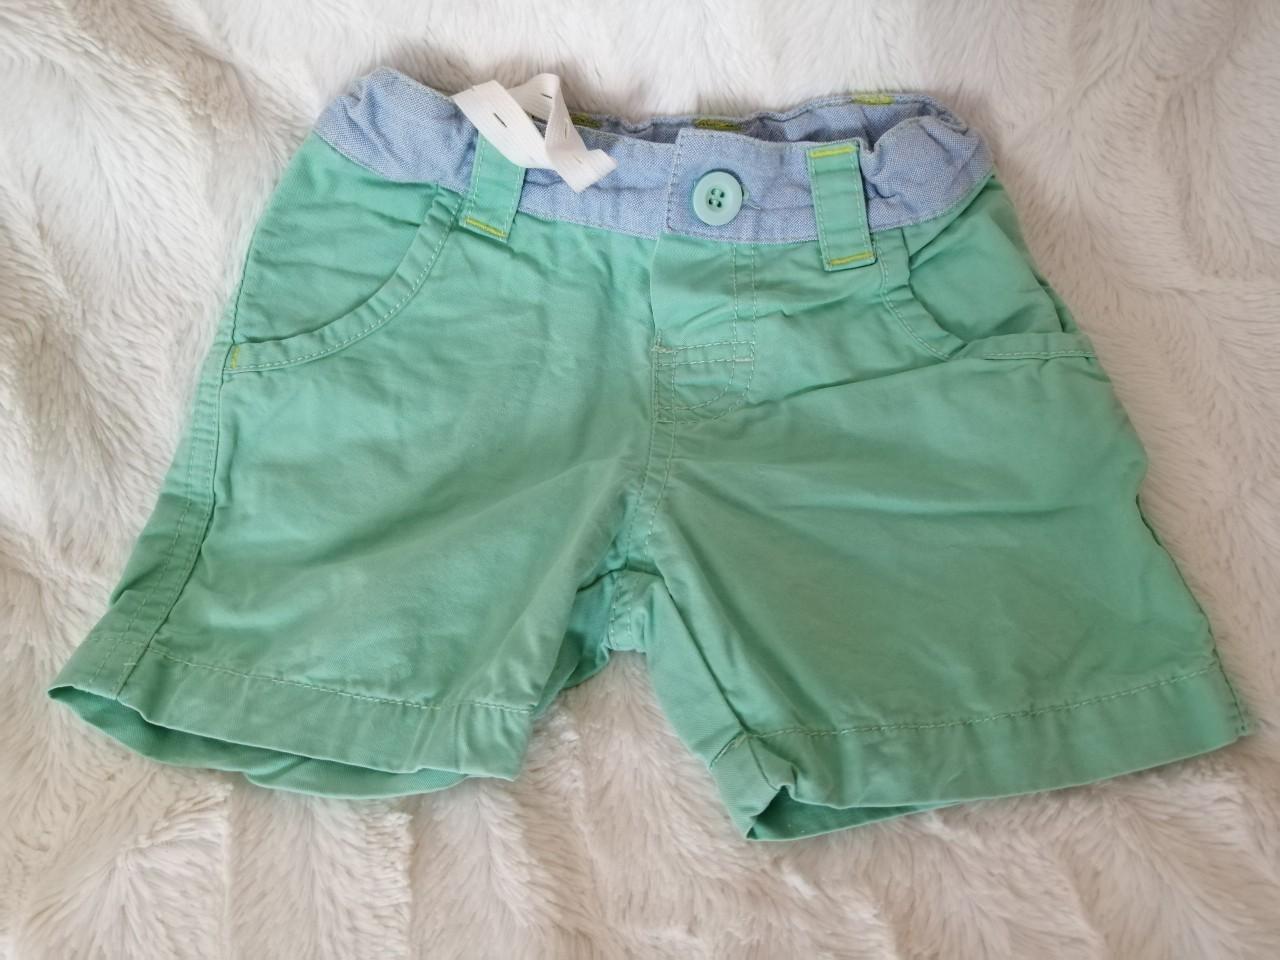 01db9af66e3beb Krótkie spodenki zielone, pistacja jeans, kieszonki rozm. 74-80 1